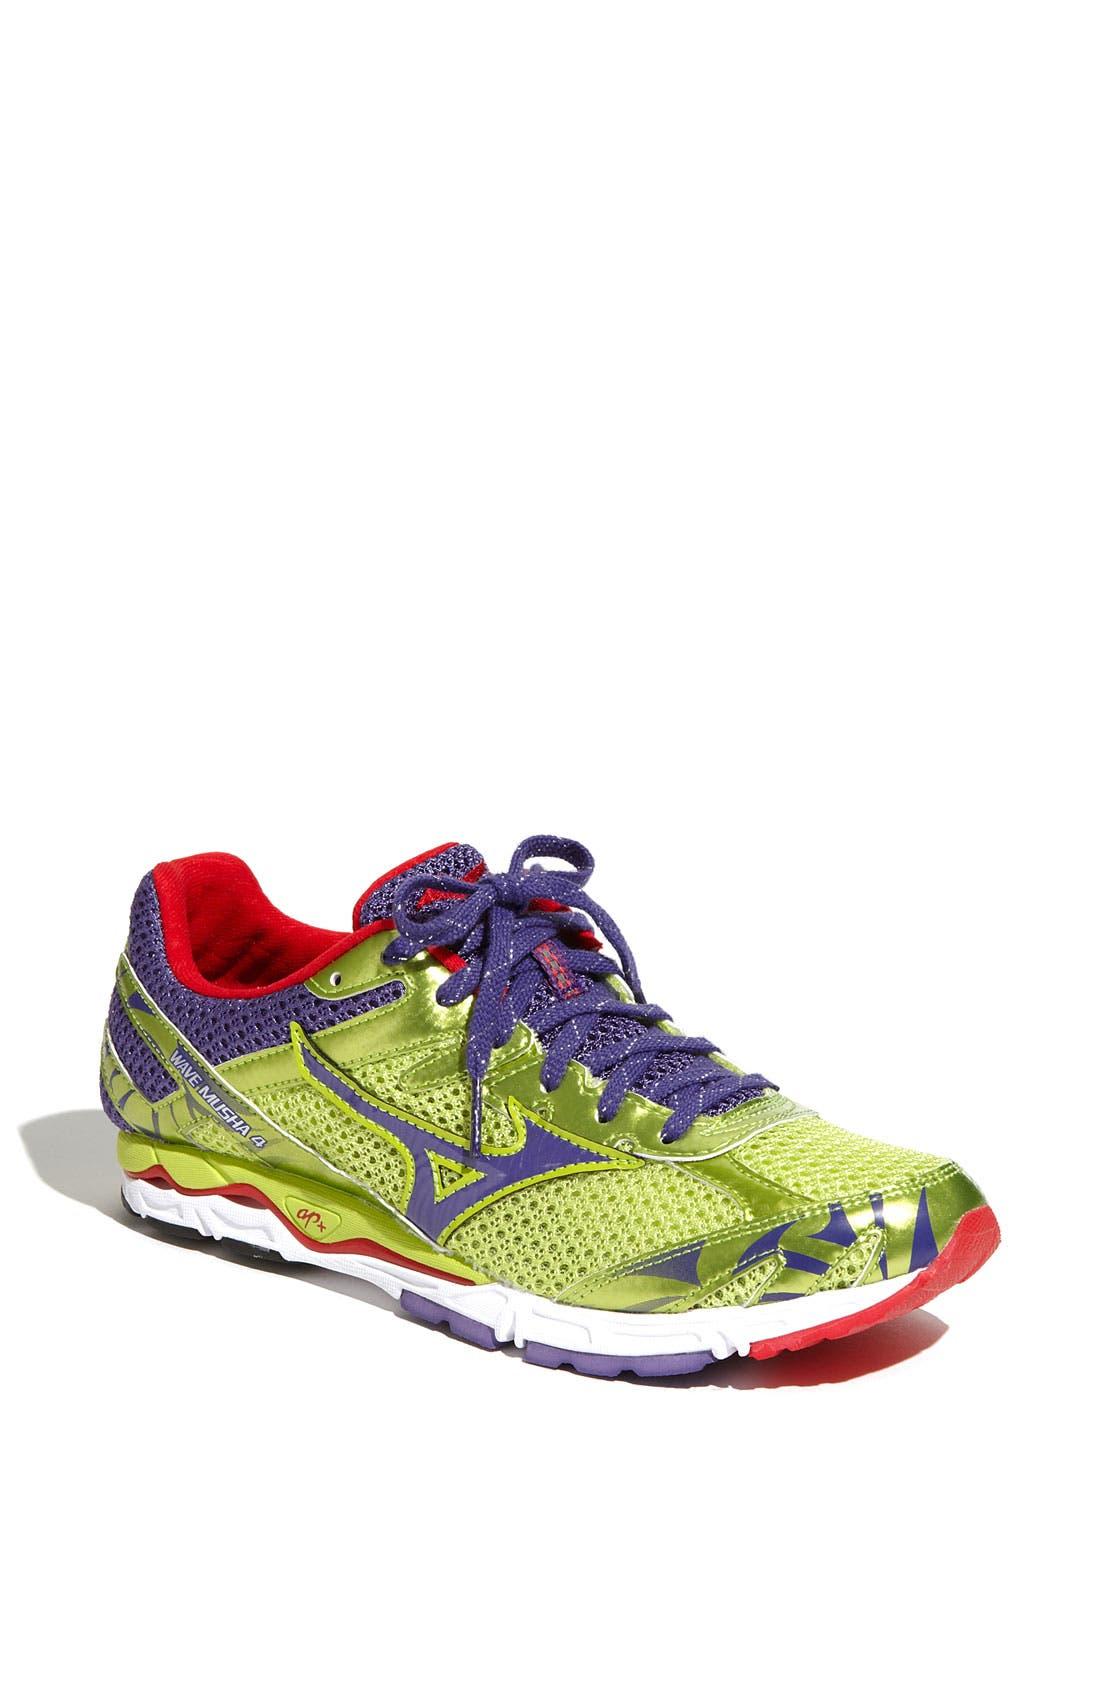 Main Image - Mizuno 'Wave Musha 4' Running Shoe (Women) (Regular Retail Price: $89.95)